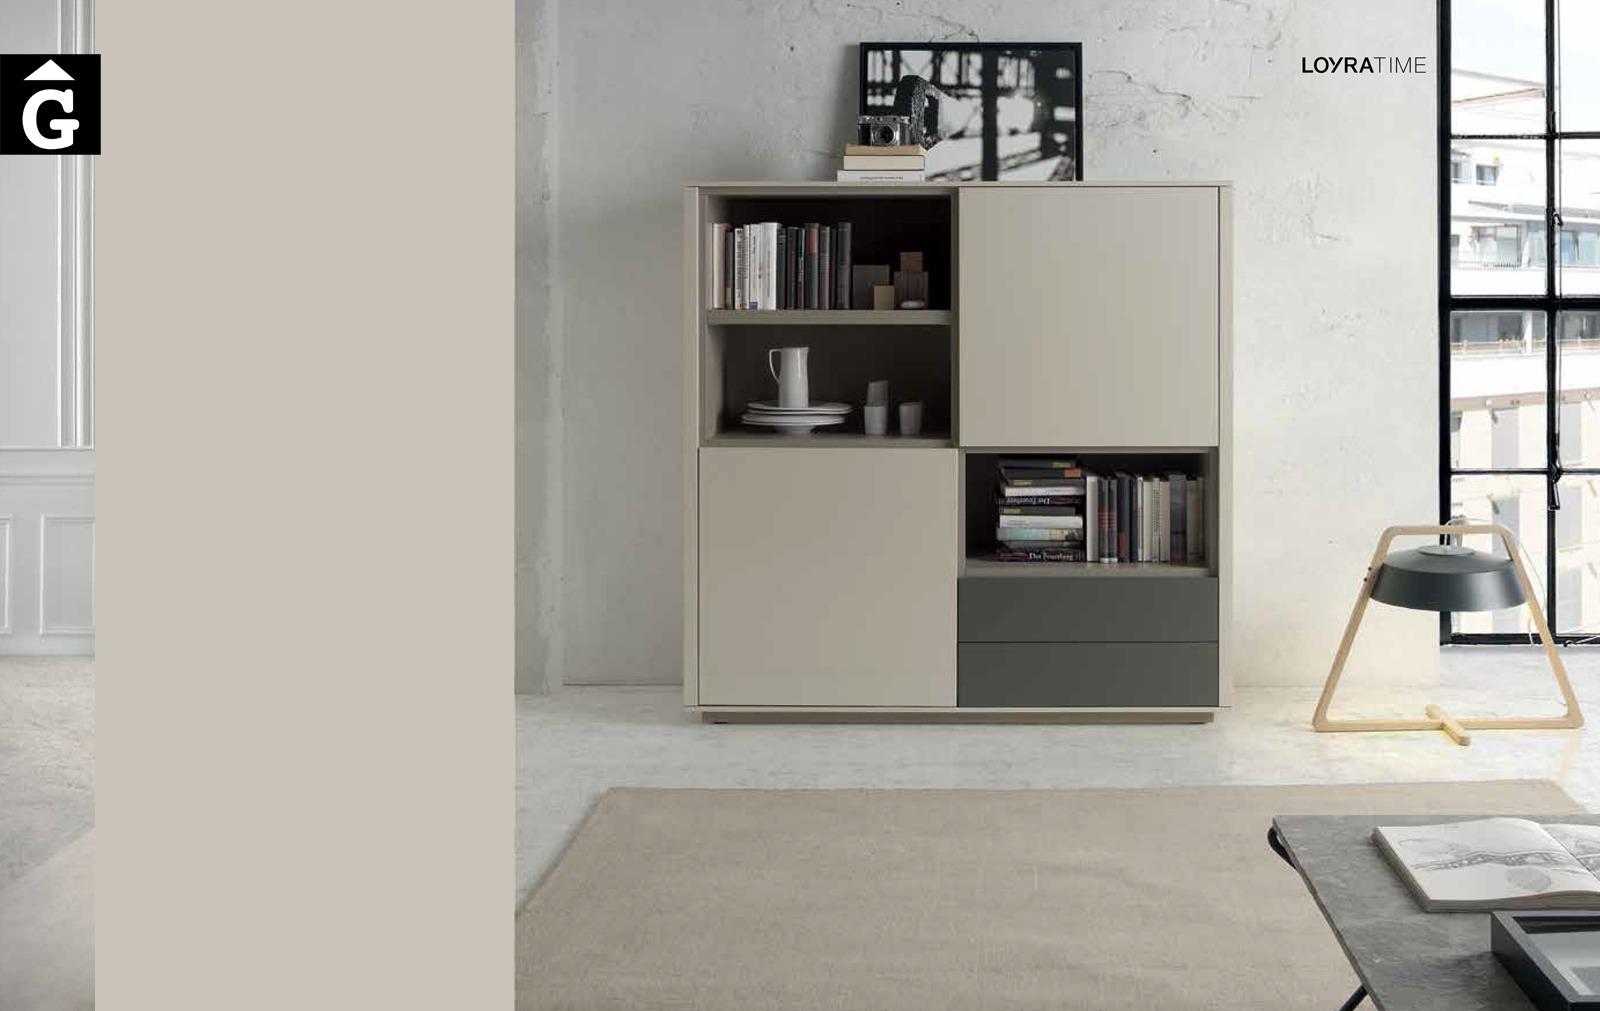 Moss moble Contenidor 0 Loyra muebles by mobles Gifreu Idees per la llar moble de qualitat